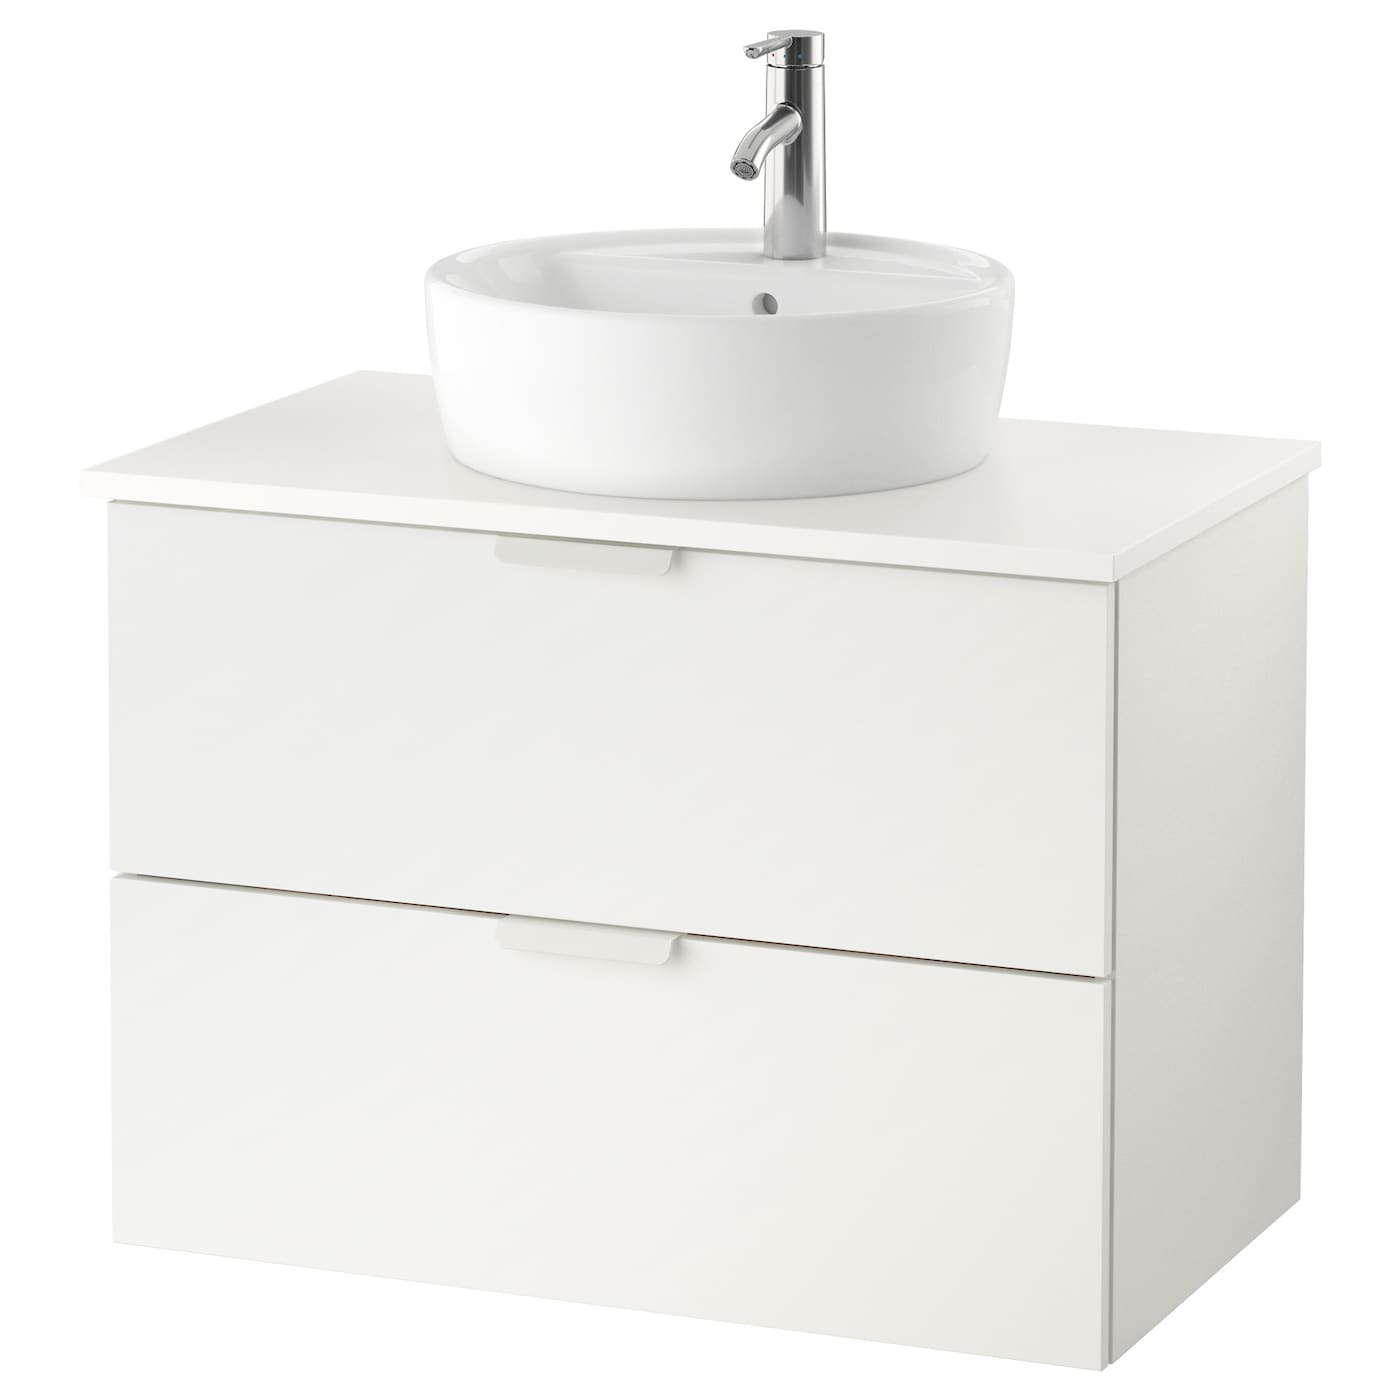 godmorgon tolken t rnviken meuble lavabo av lavabo poser 45 blanc 82x49x74 cm ikea. Black Bedroom Furniture Sets. Home Design Ideas